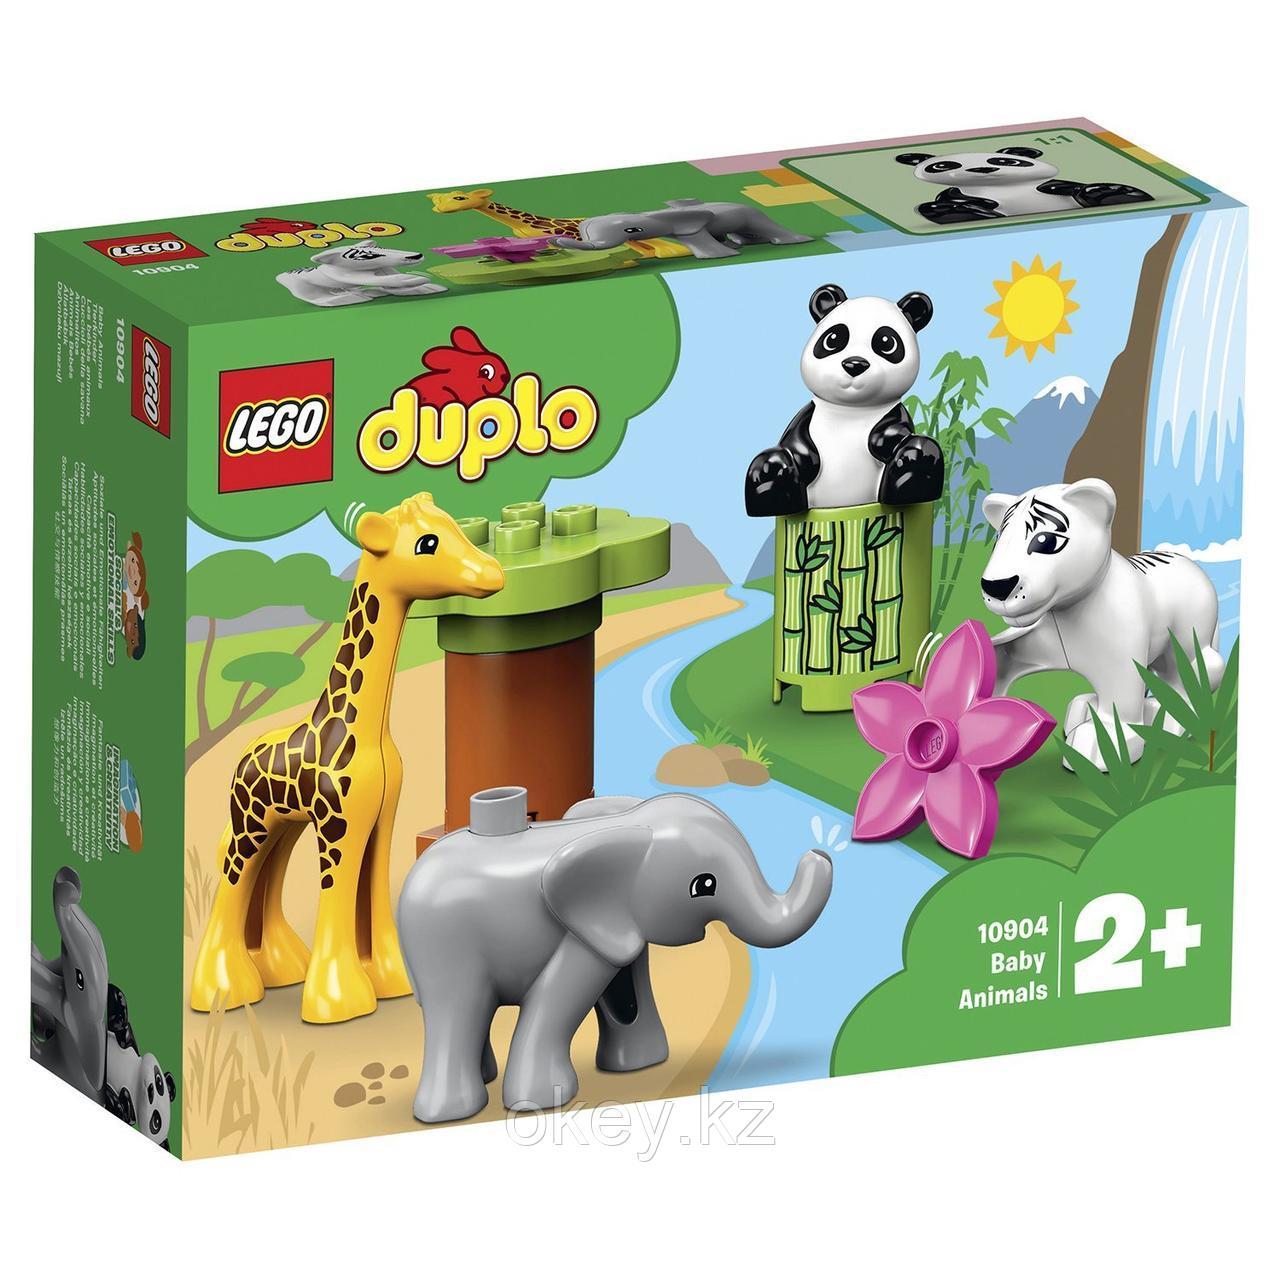 LEGO Duplo: Детишки животных 10904